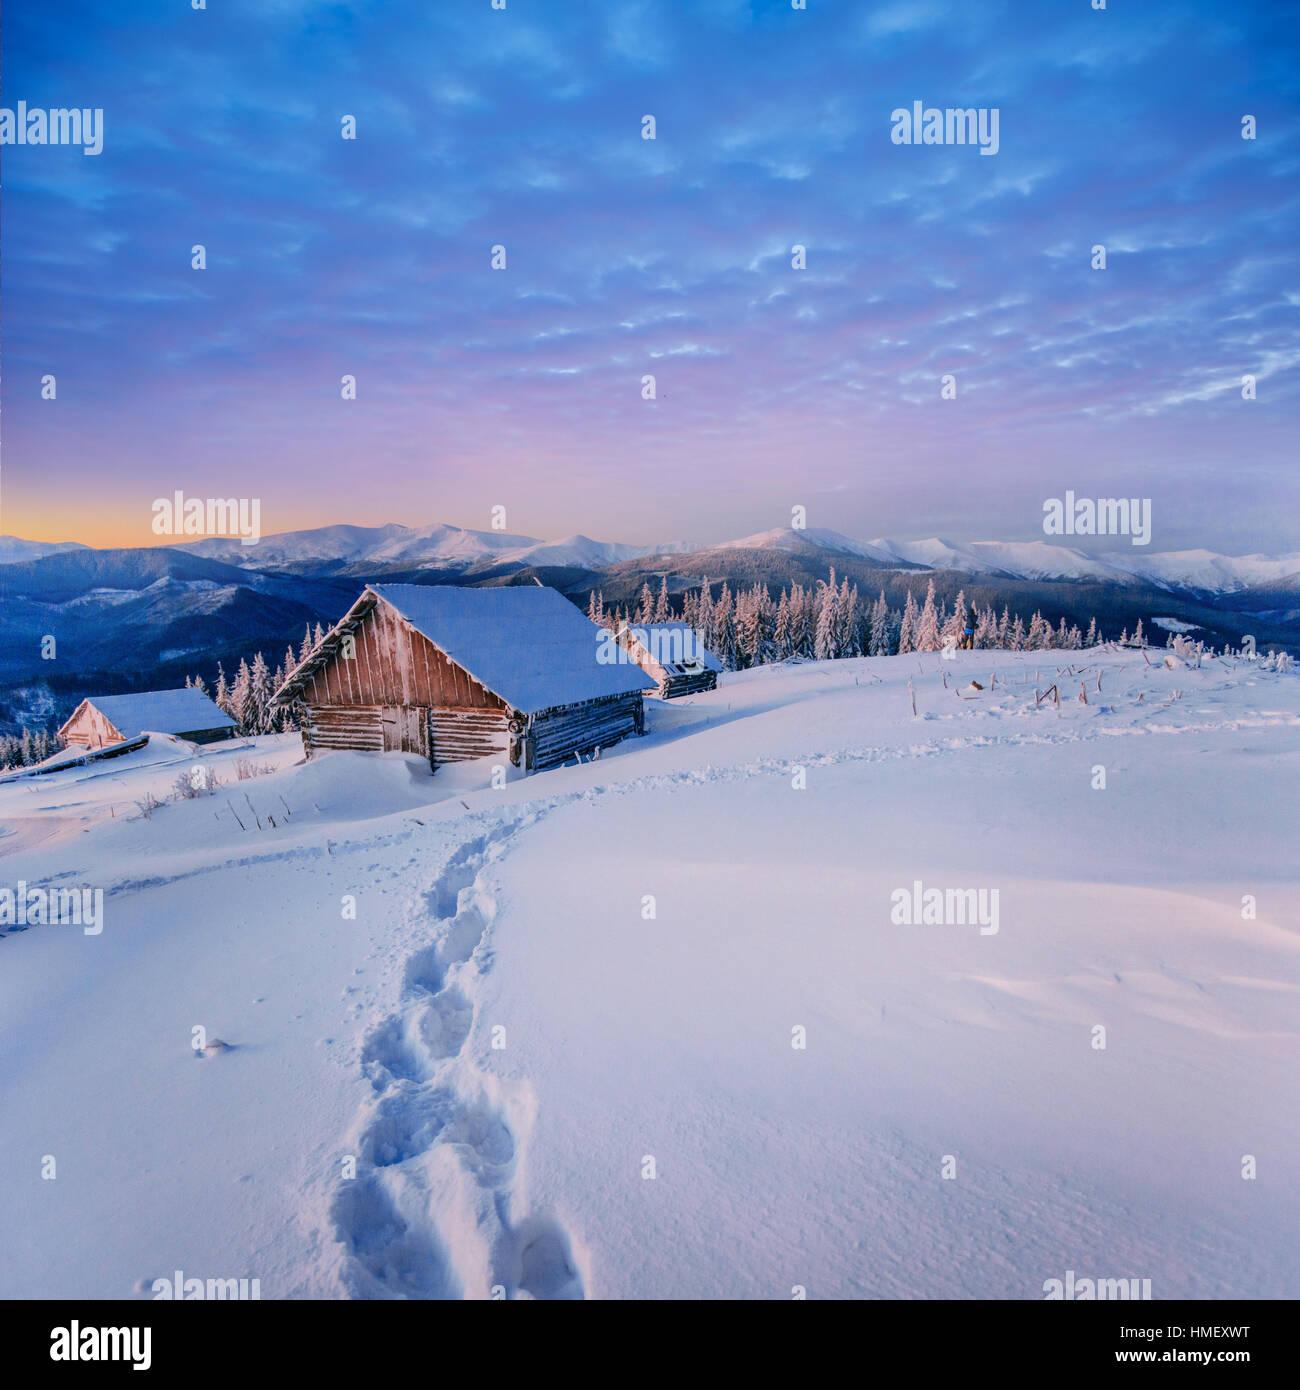 fantastic winter landscape - Stock Image